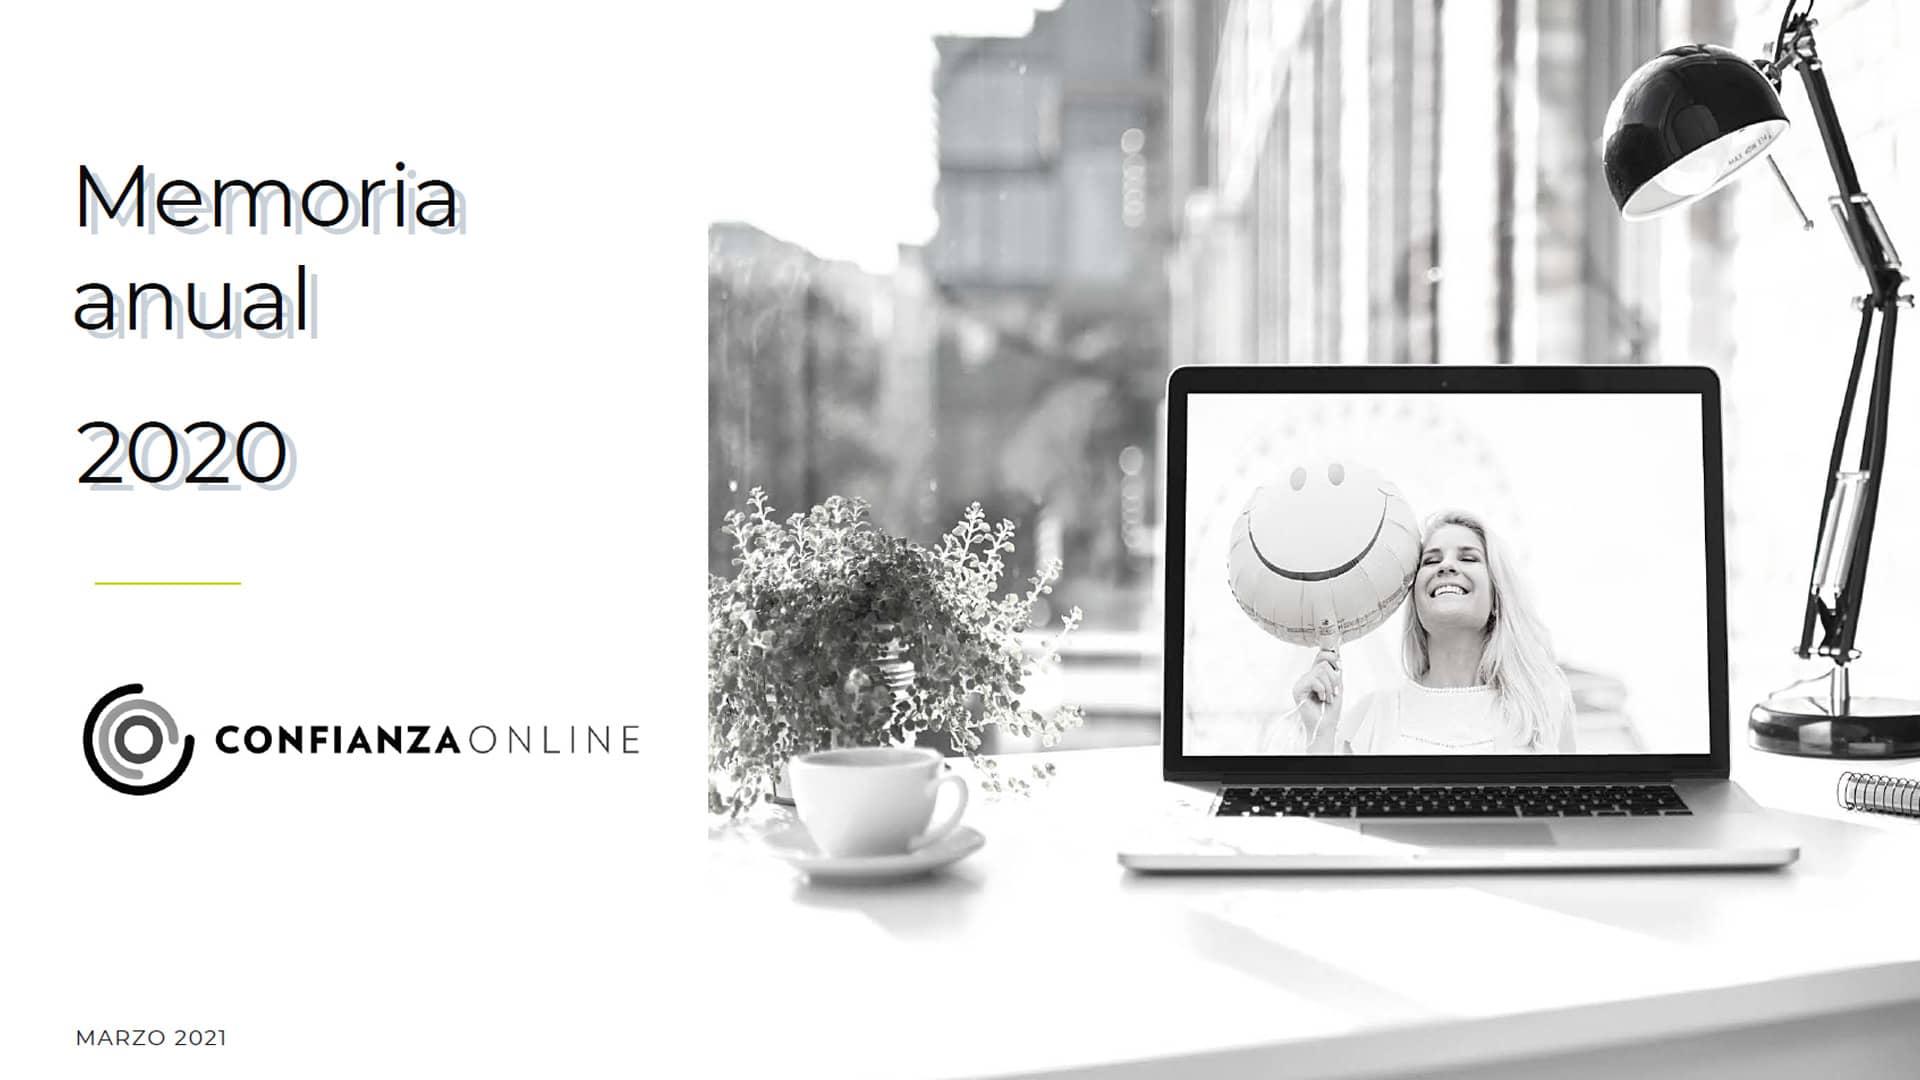 Memoria Confianza Online 2020